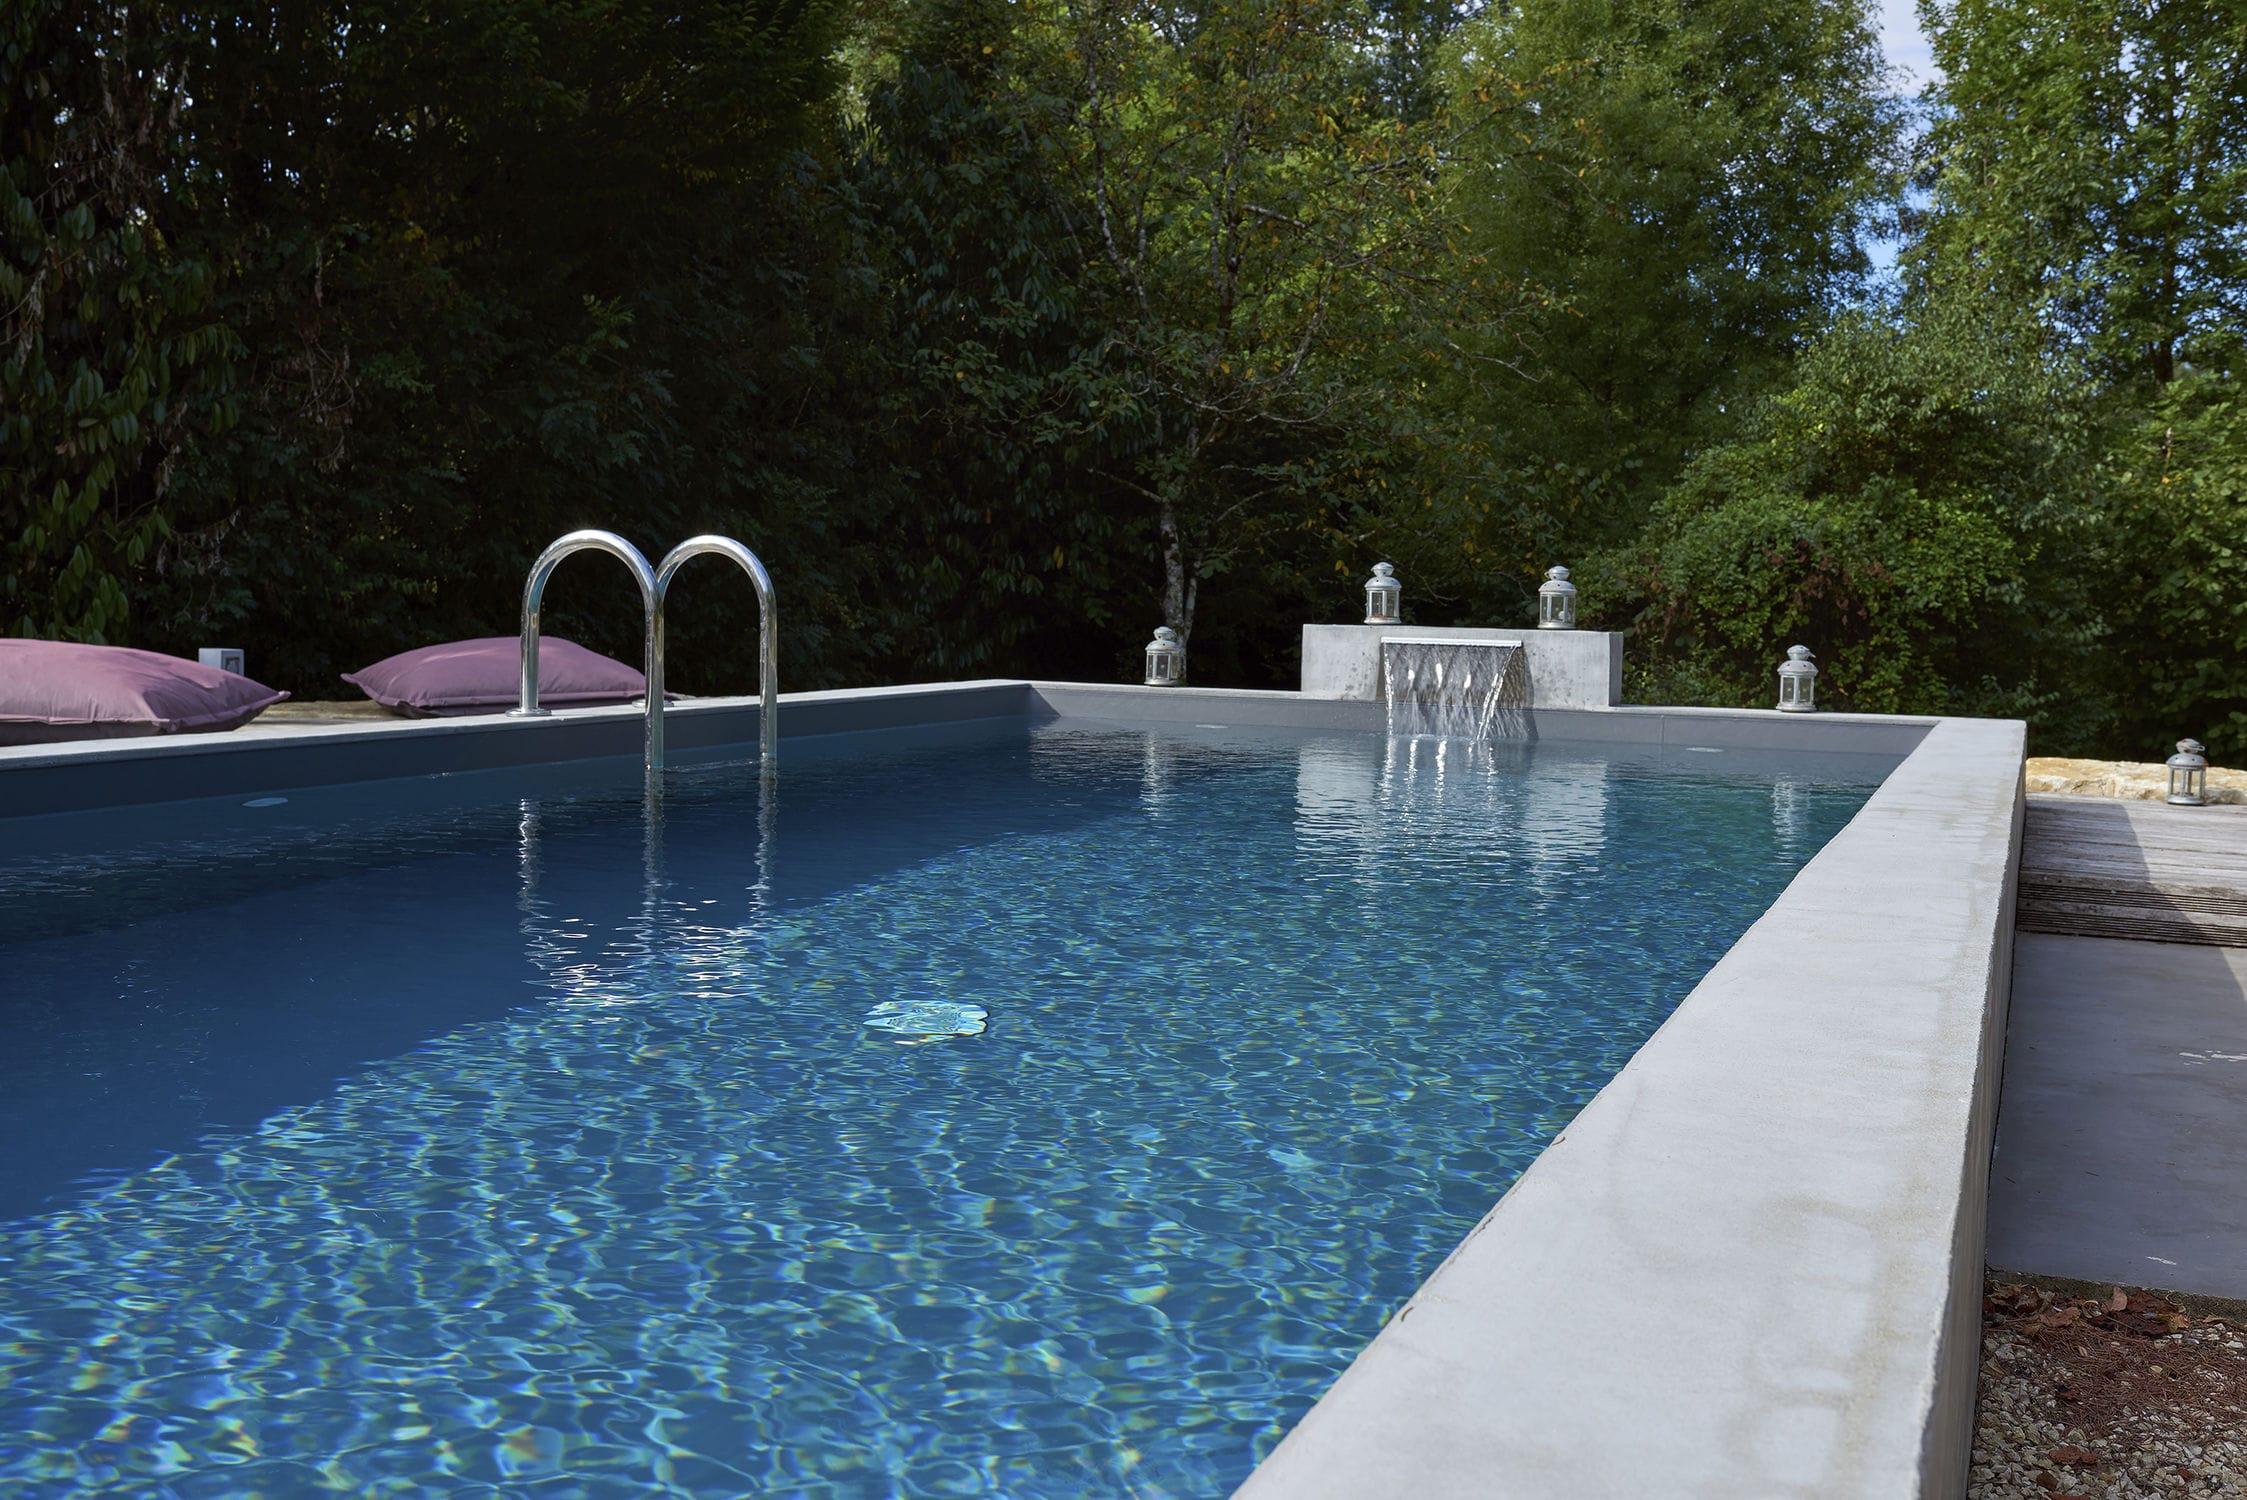 Cascade Pour Piscine - Lame D'eau Poitiers - Piscines Carre Bleu avec Cascade Pour Piscine